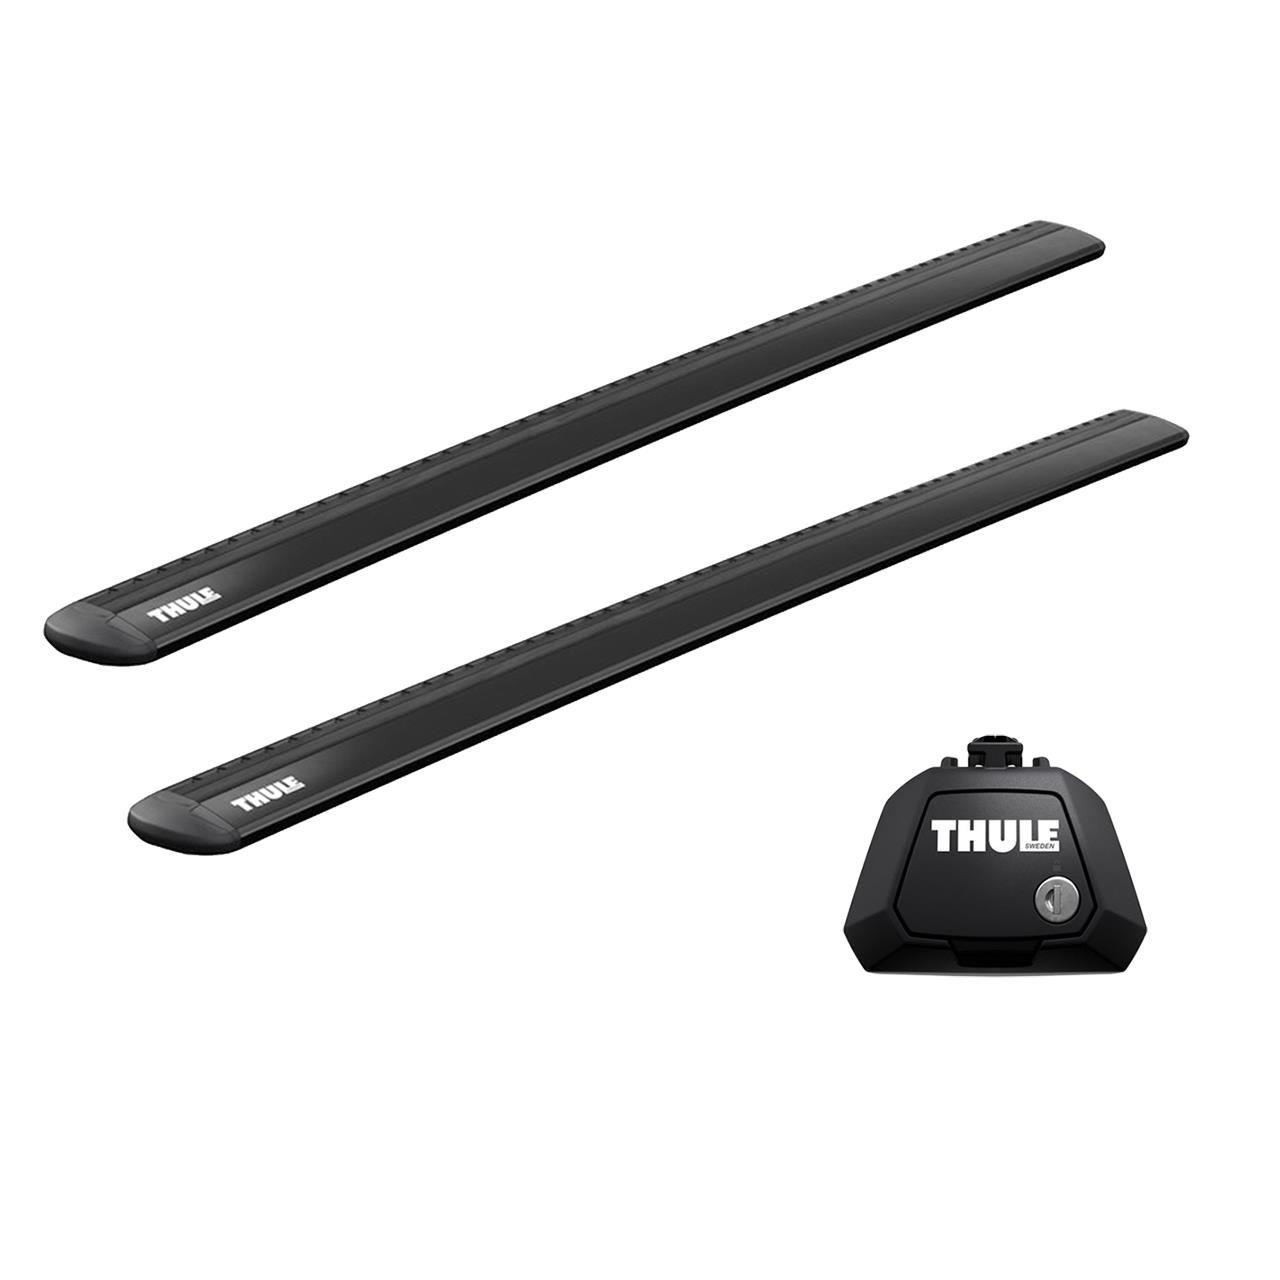 Напречни греди Thule Evo Raised Rail WingBar Evo 127cm в Черно за MAZDA 6 5 врати Estate 2013- с фабрични надлъжни греди с просвет 1